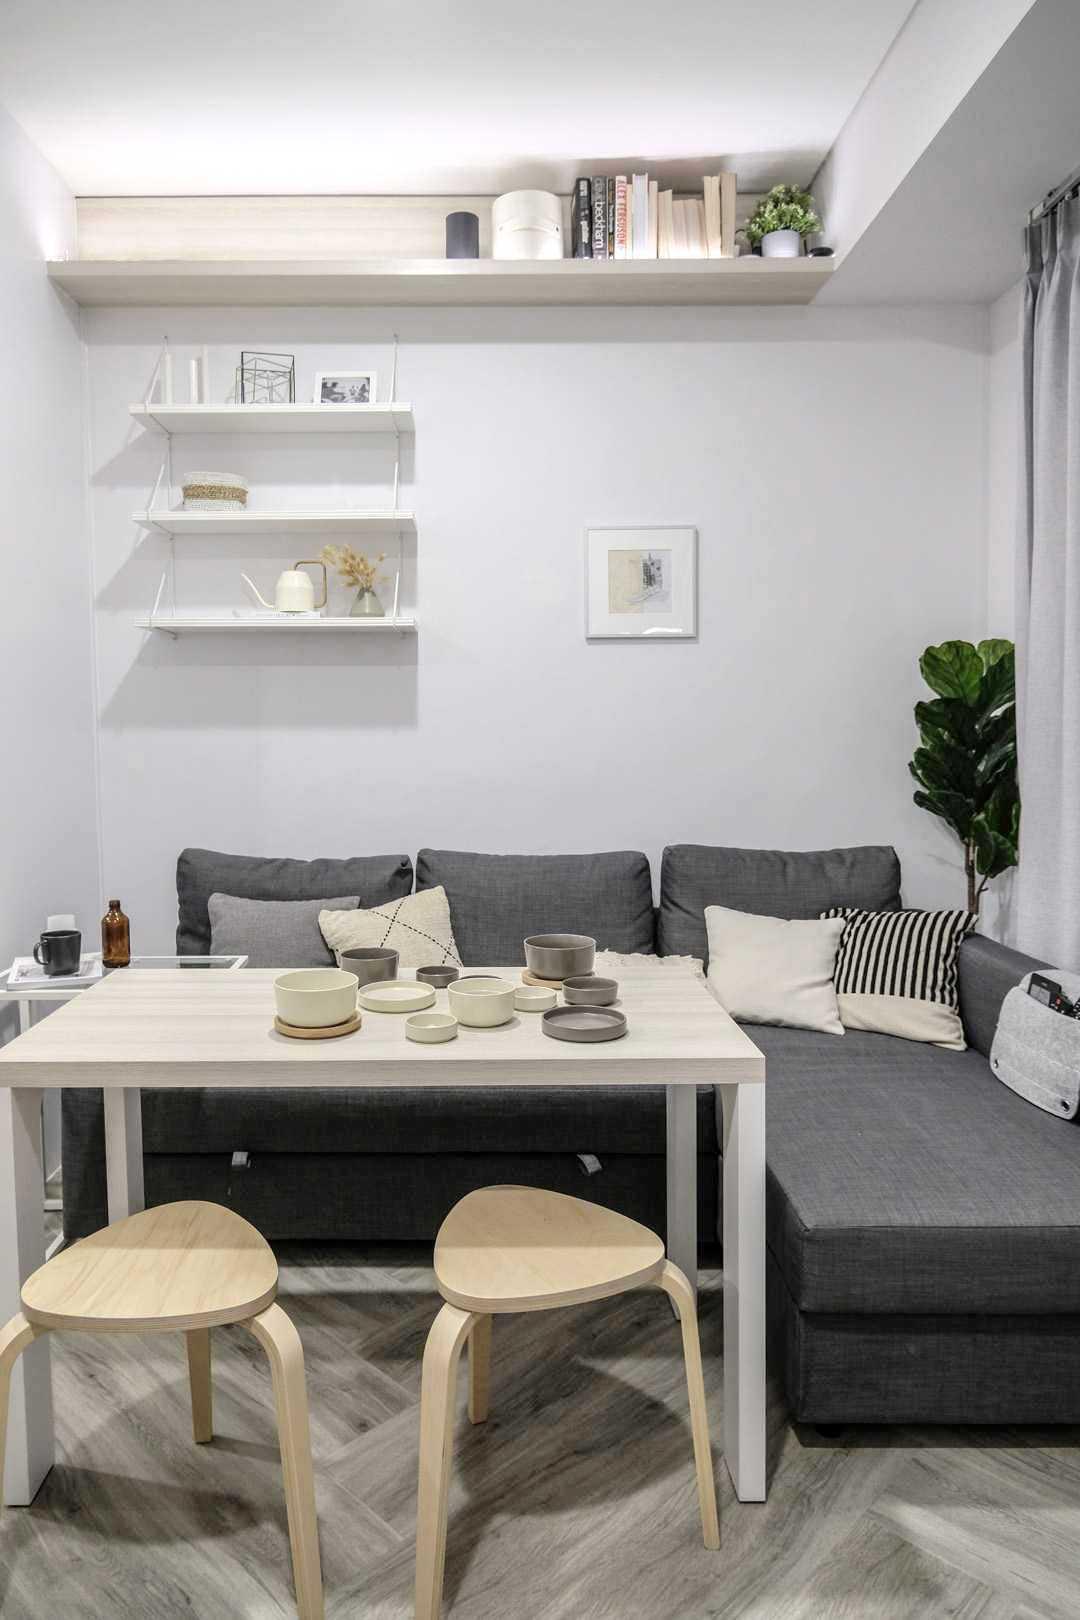 Meja geser yang hemat tempat plus ragam rak untuk area penyimpanan, karya Co+In Collaborative Lab, via arsitag.com